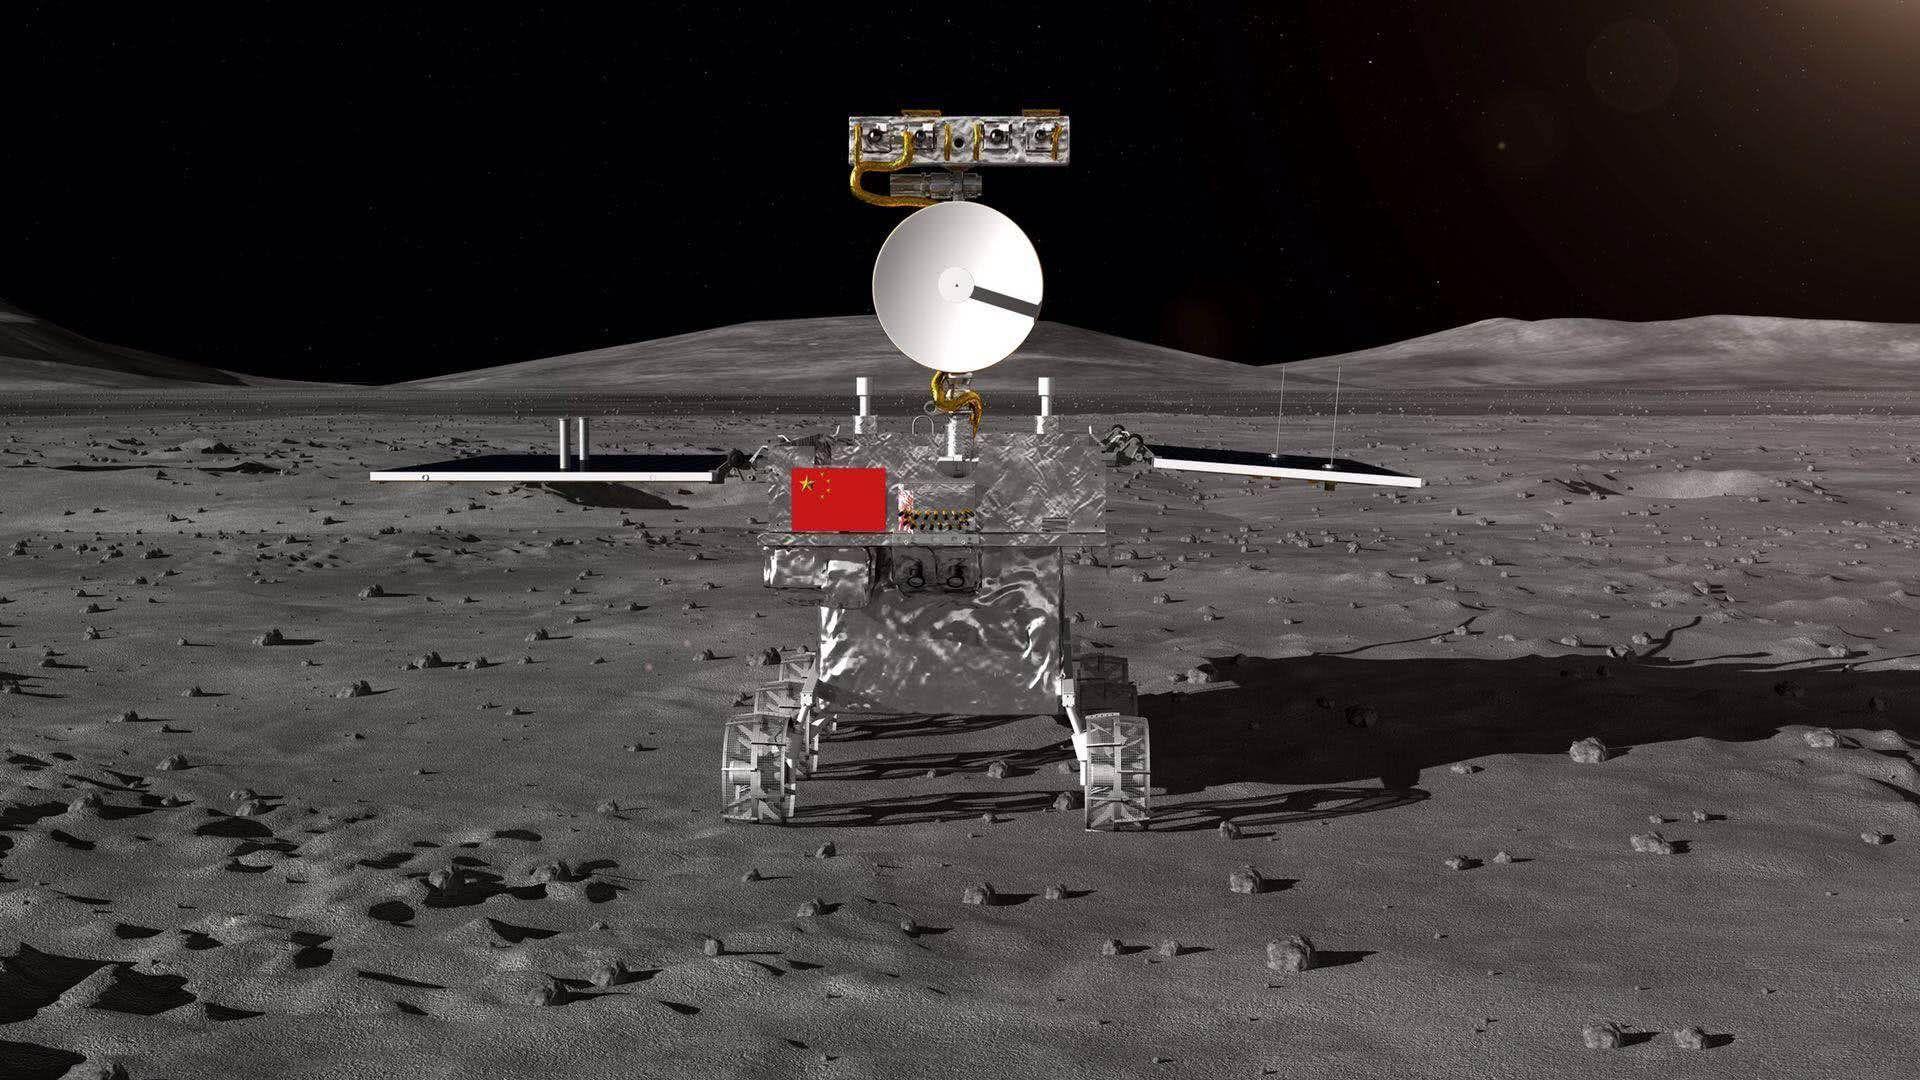 """嫦娥三号传回画面_嫦娥四号""""两器互拍""""即将开始 如何拍?有什么意义? - 知乎"""